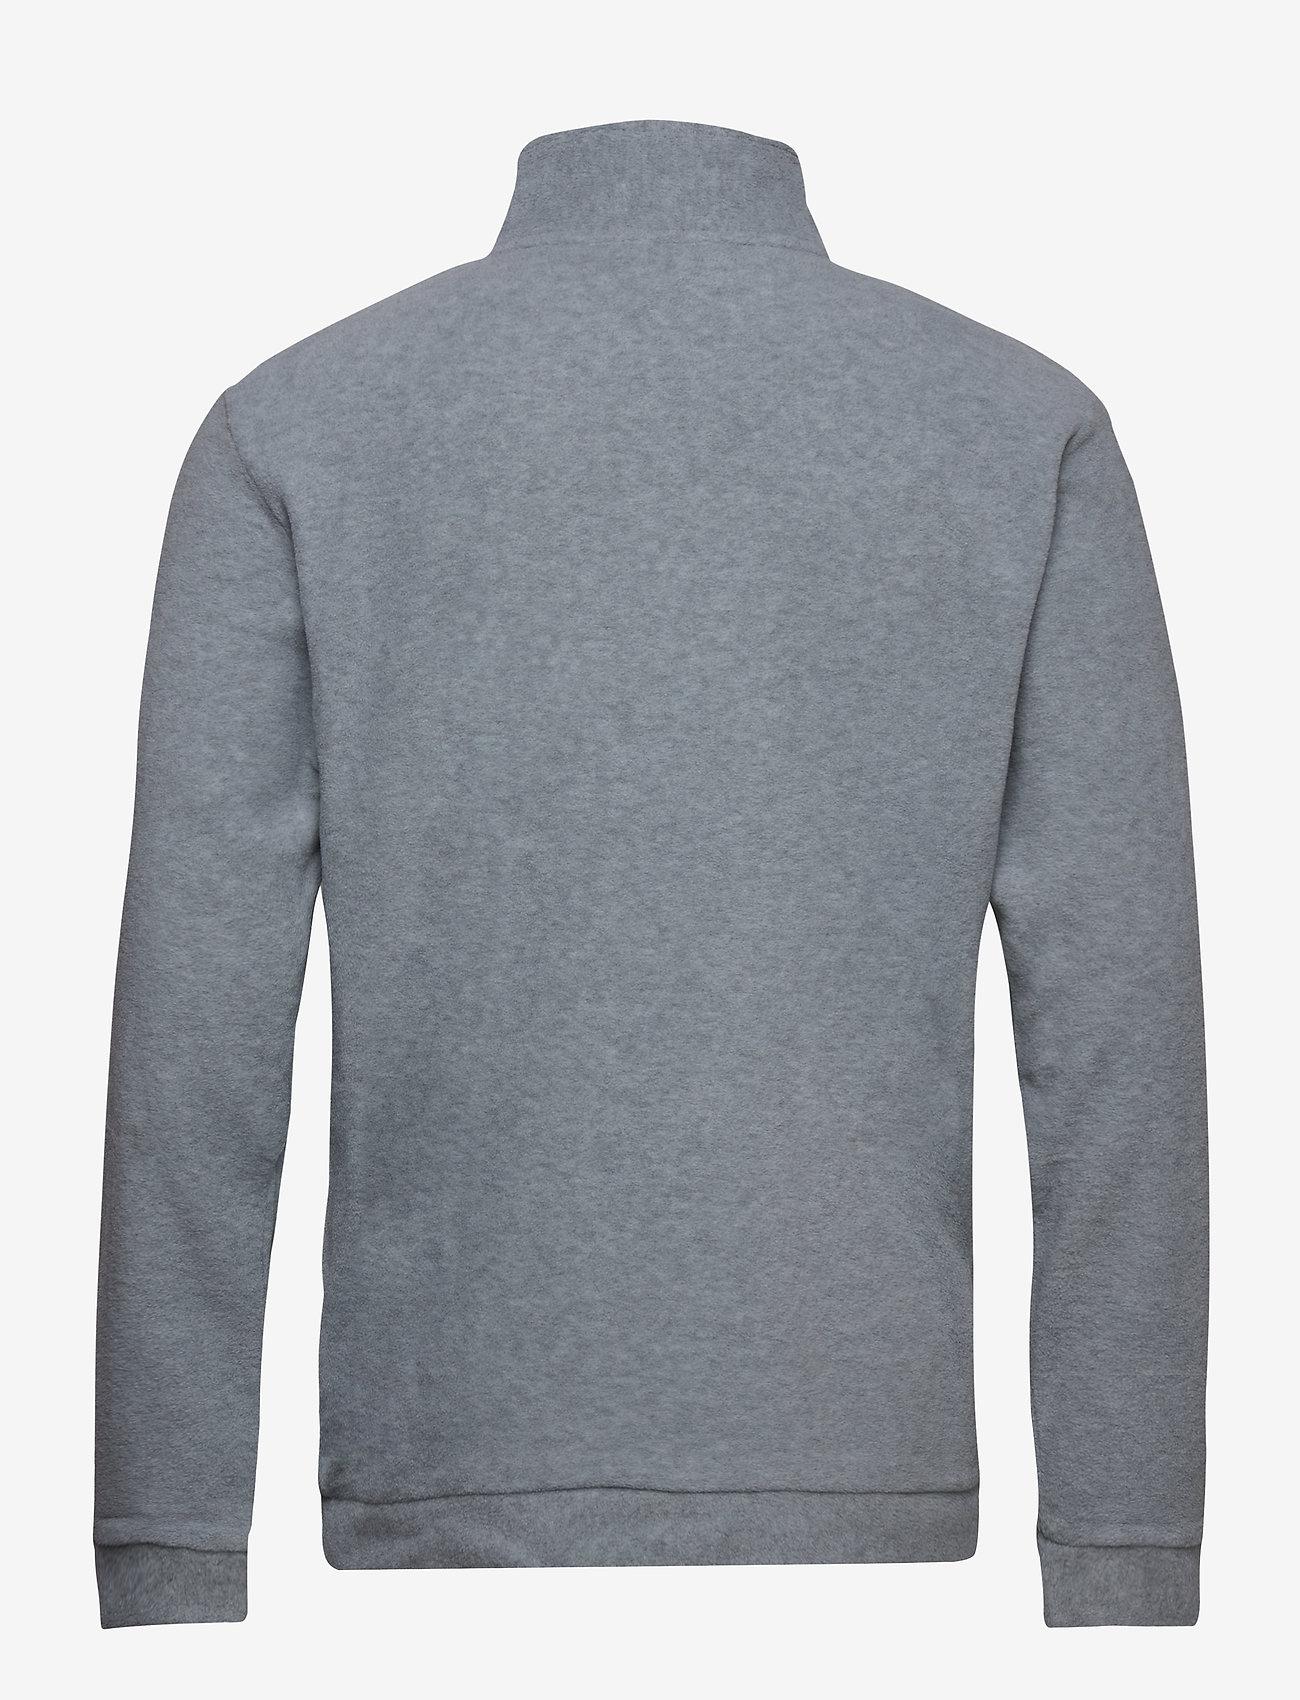 H2O - Blåvand Fleece Half Zip - lange mouwen - lt. grey mel - 1